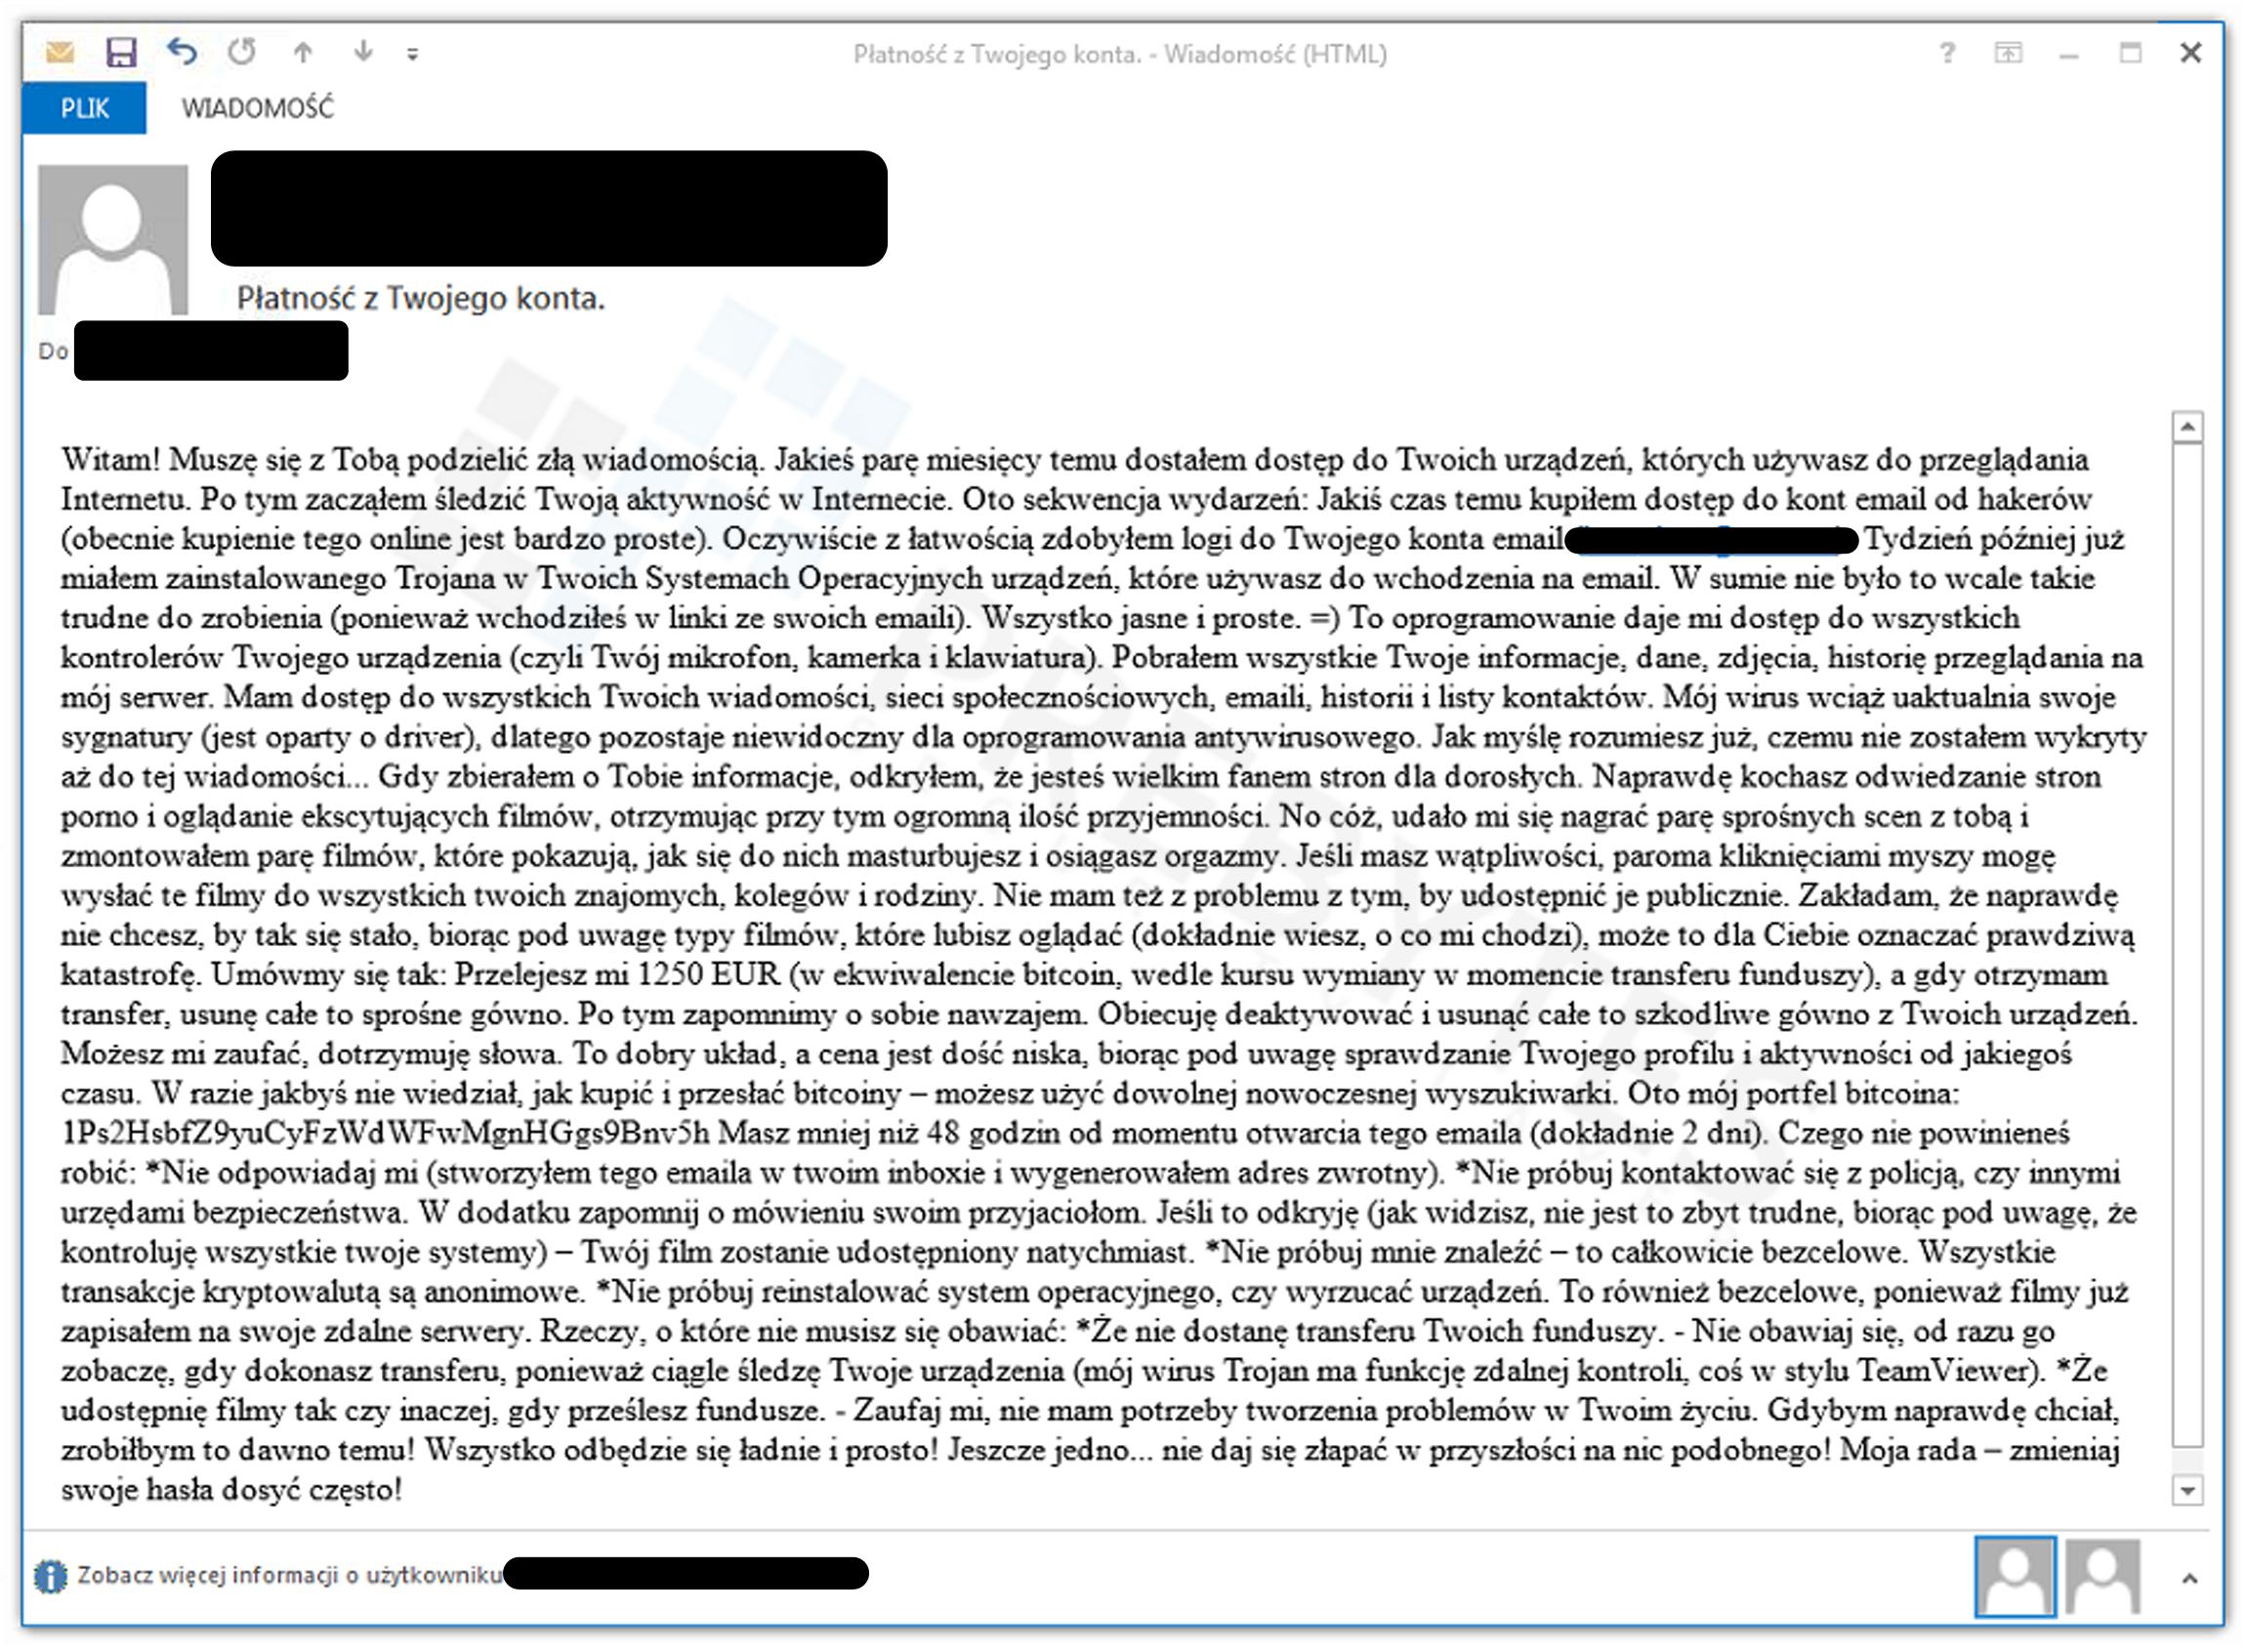 Wiadomość e-mail z żądaniem okupu